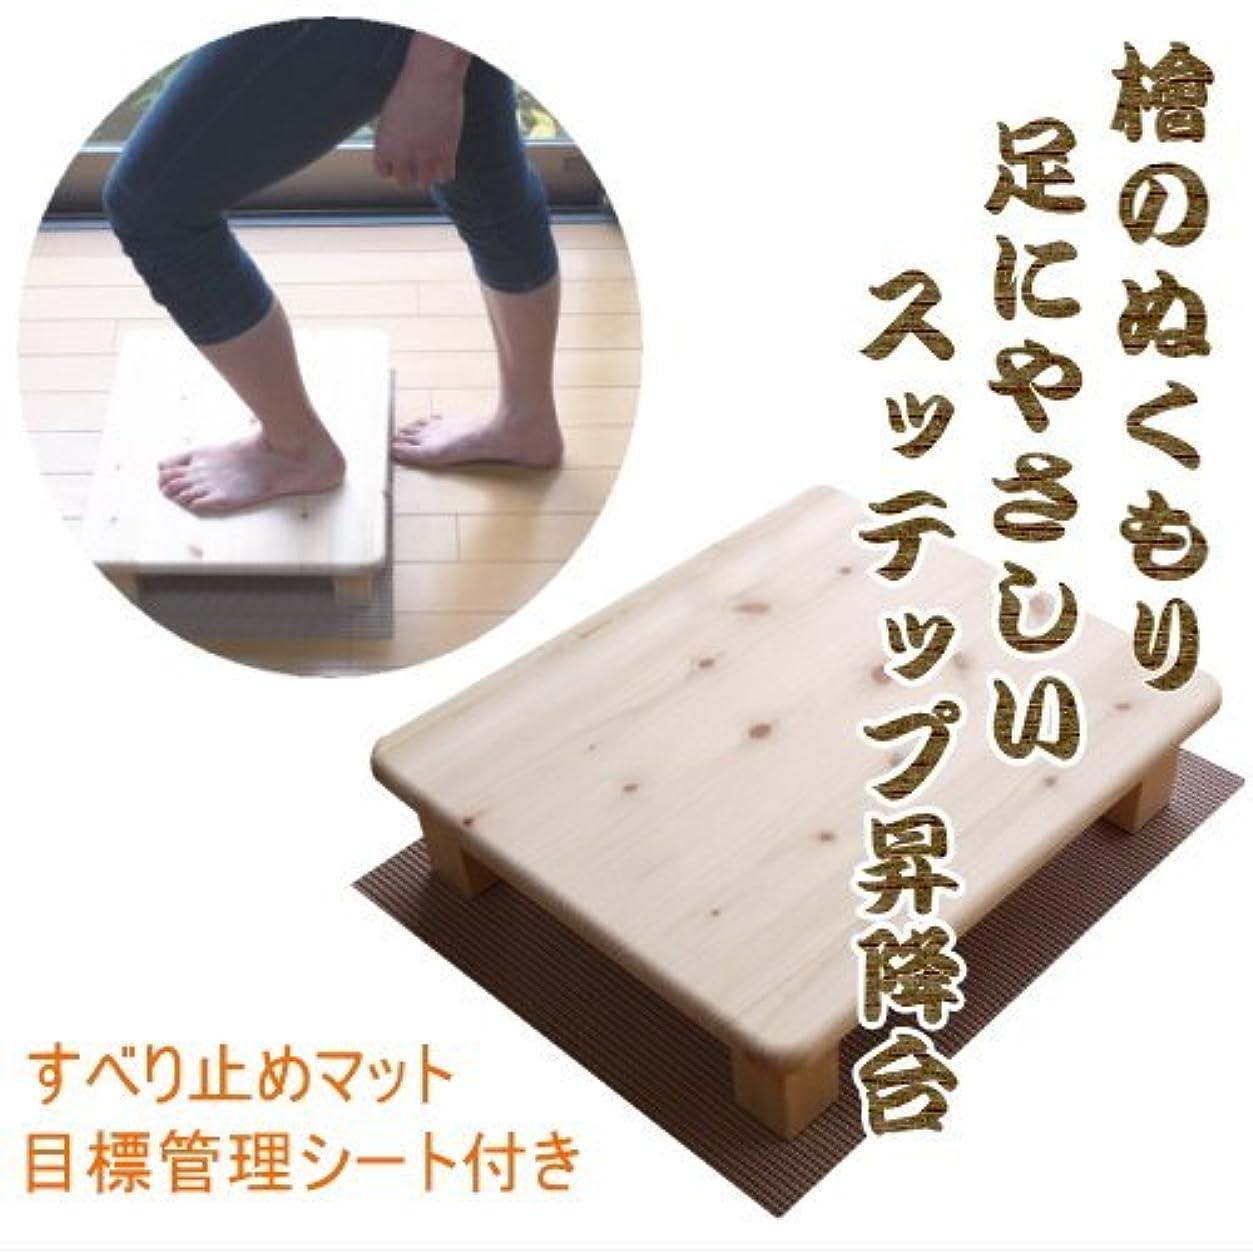 アクセル幻滅定規檜のステップ昇降台(室内で簡単運動DVD付/昇降運動管理シート付/日本製木製踏み台)